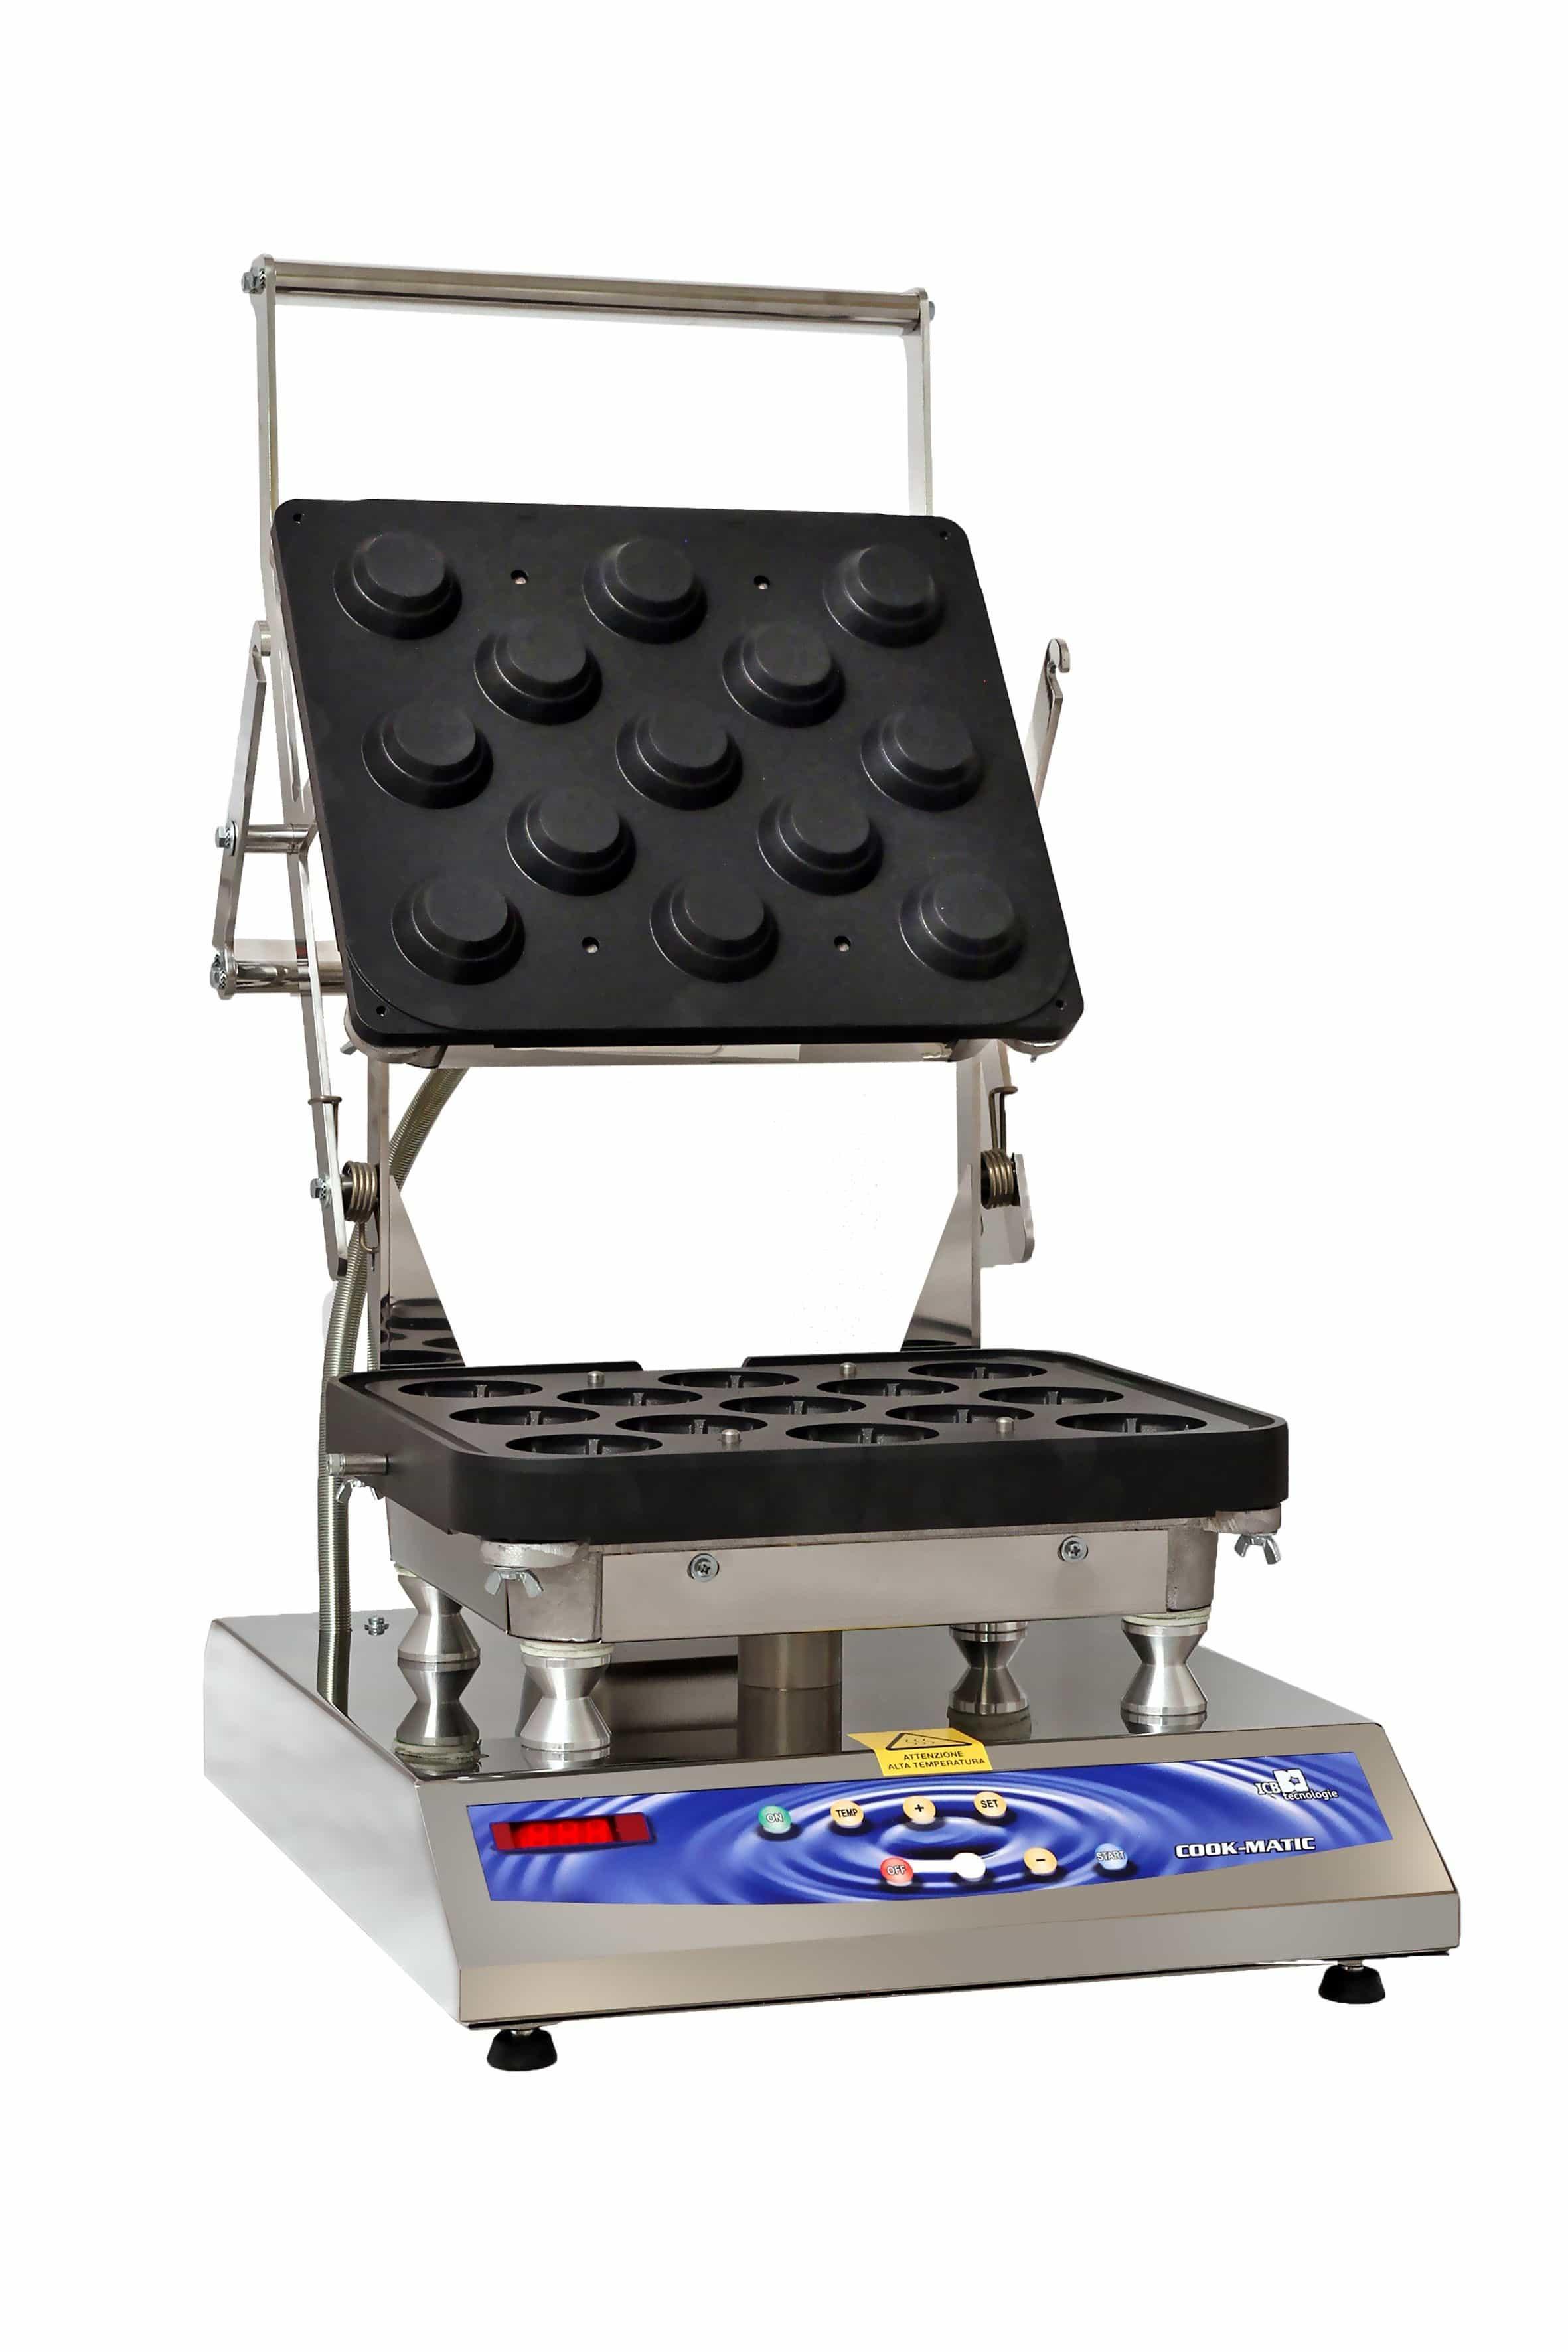 Moule A Tartelette Professionnel machine professionnelle pour tartelettes cook-matic - icb